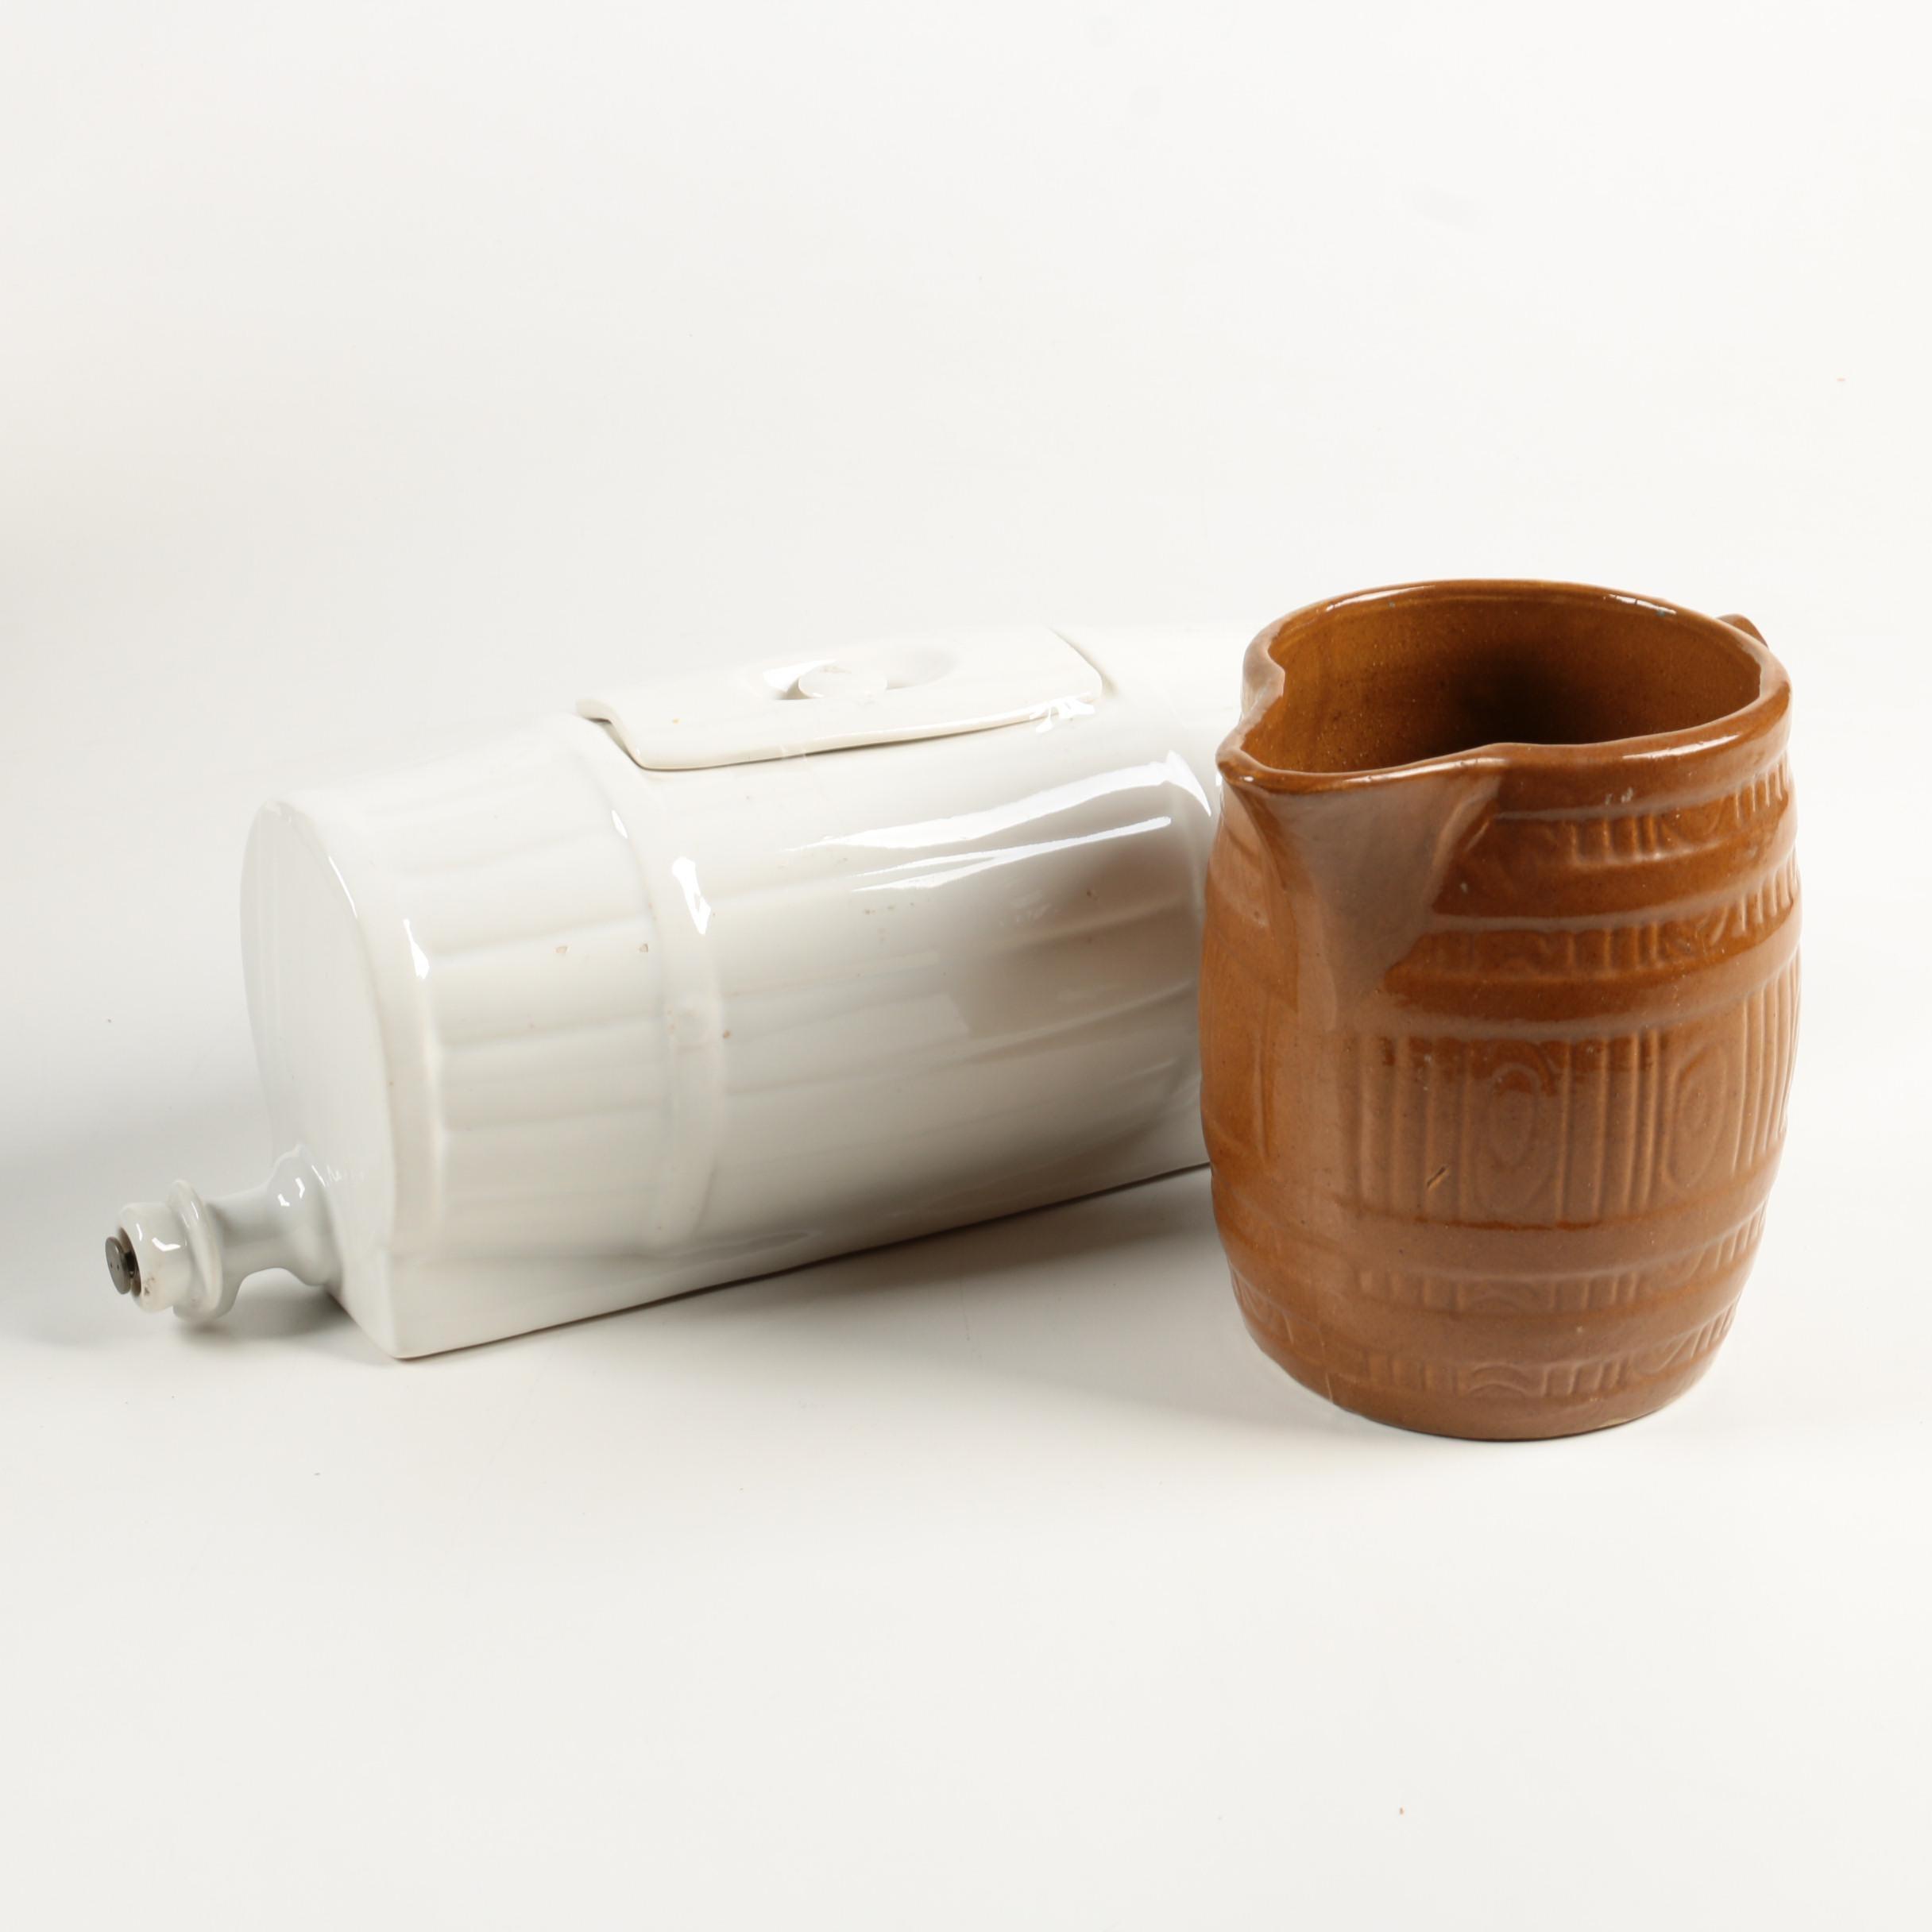 Vintage Ceramic Barrel Drink Dispenser and Pitcher